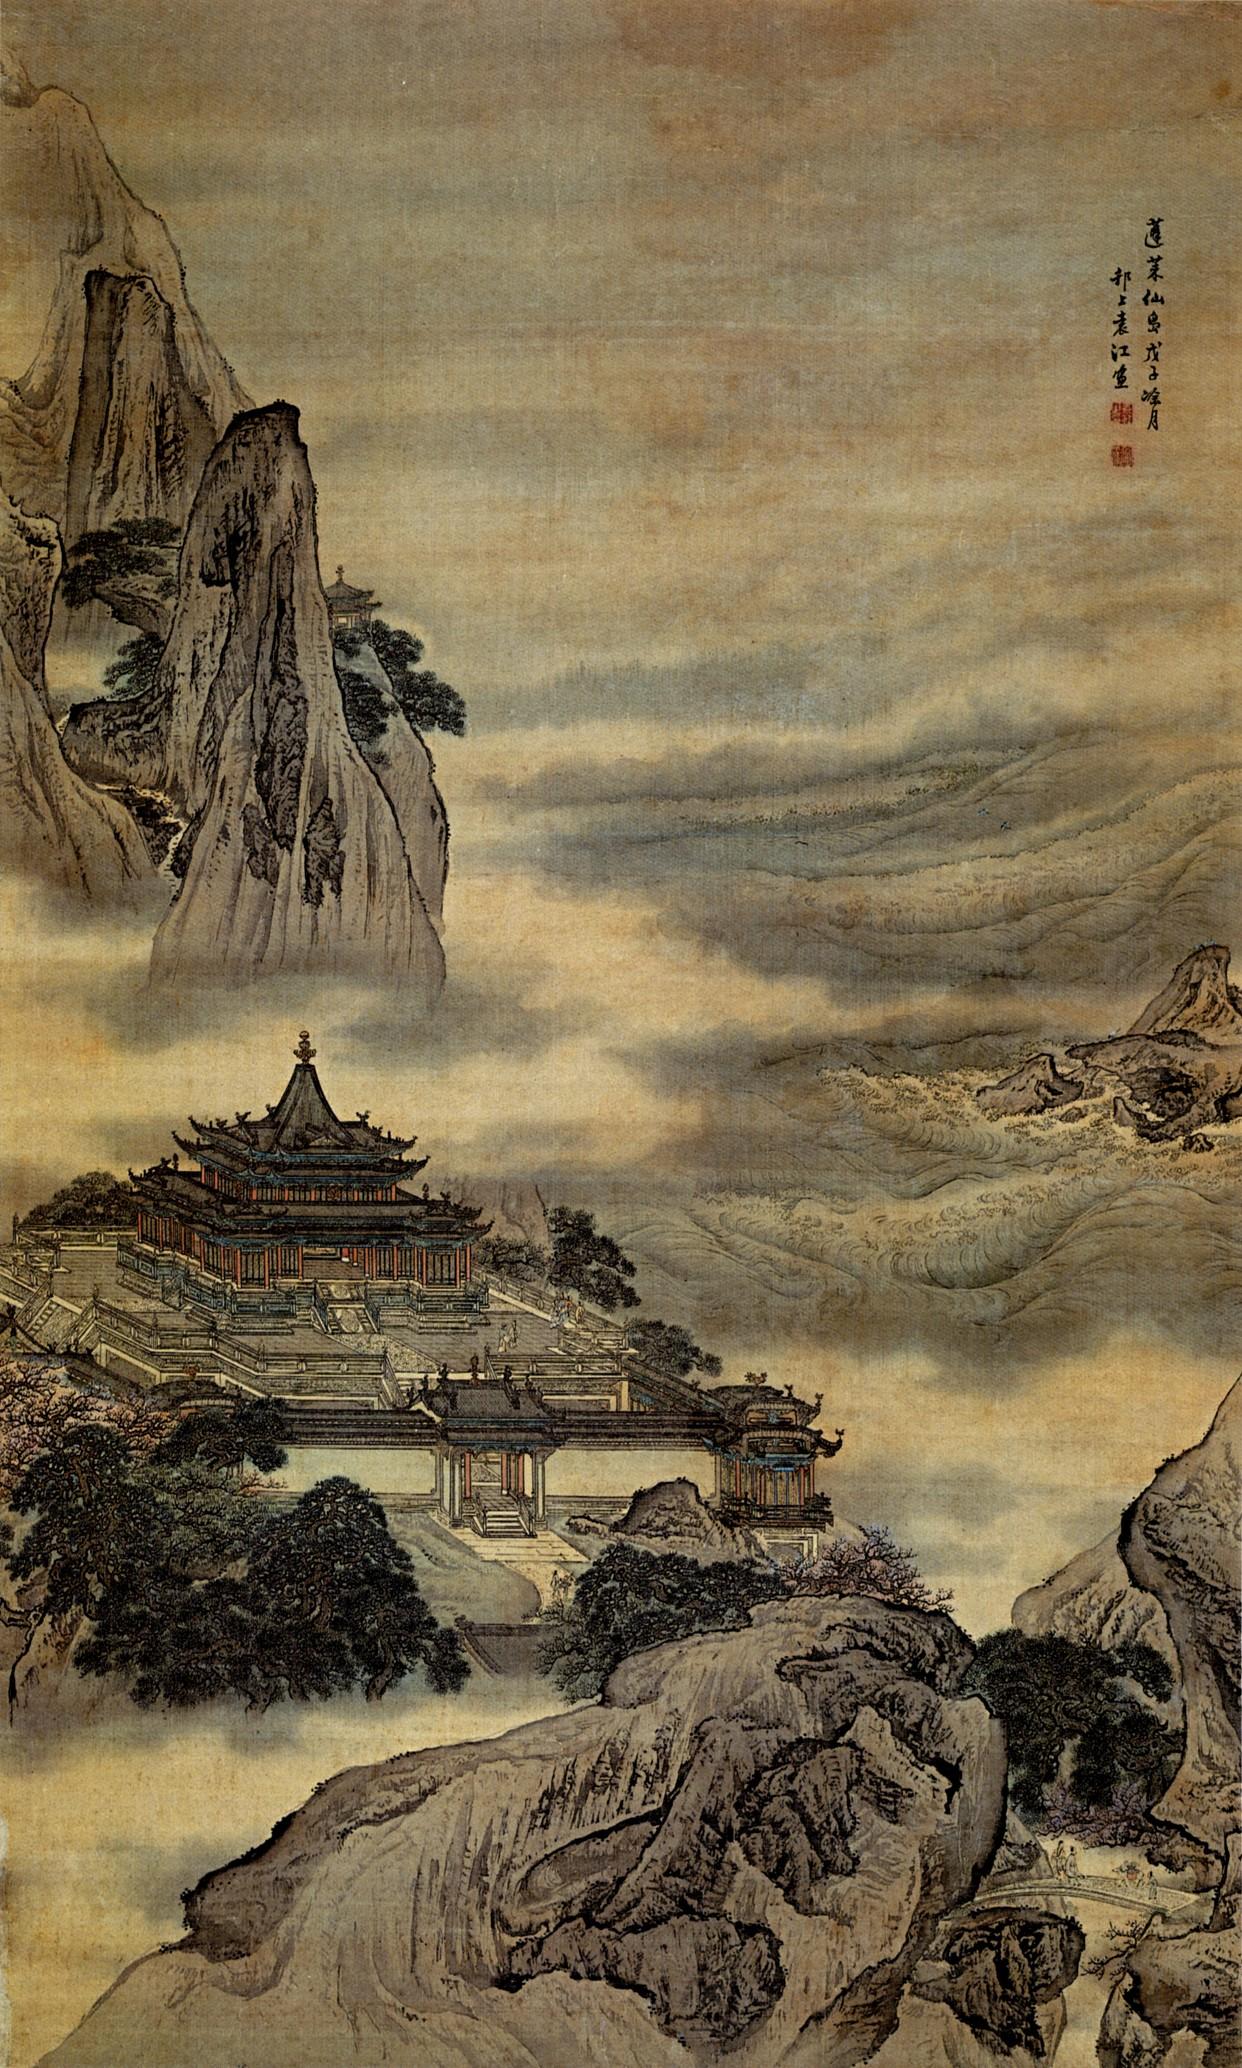 傳說中,蓬萊仙島是求仙訪藥之處,充滿神仙想像的海洋場景。 圖片來源│By Yuan Jiang (袁江). Active: 1680-1730. [Public domain], via Wikimedia Commons